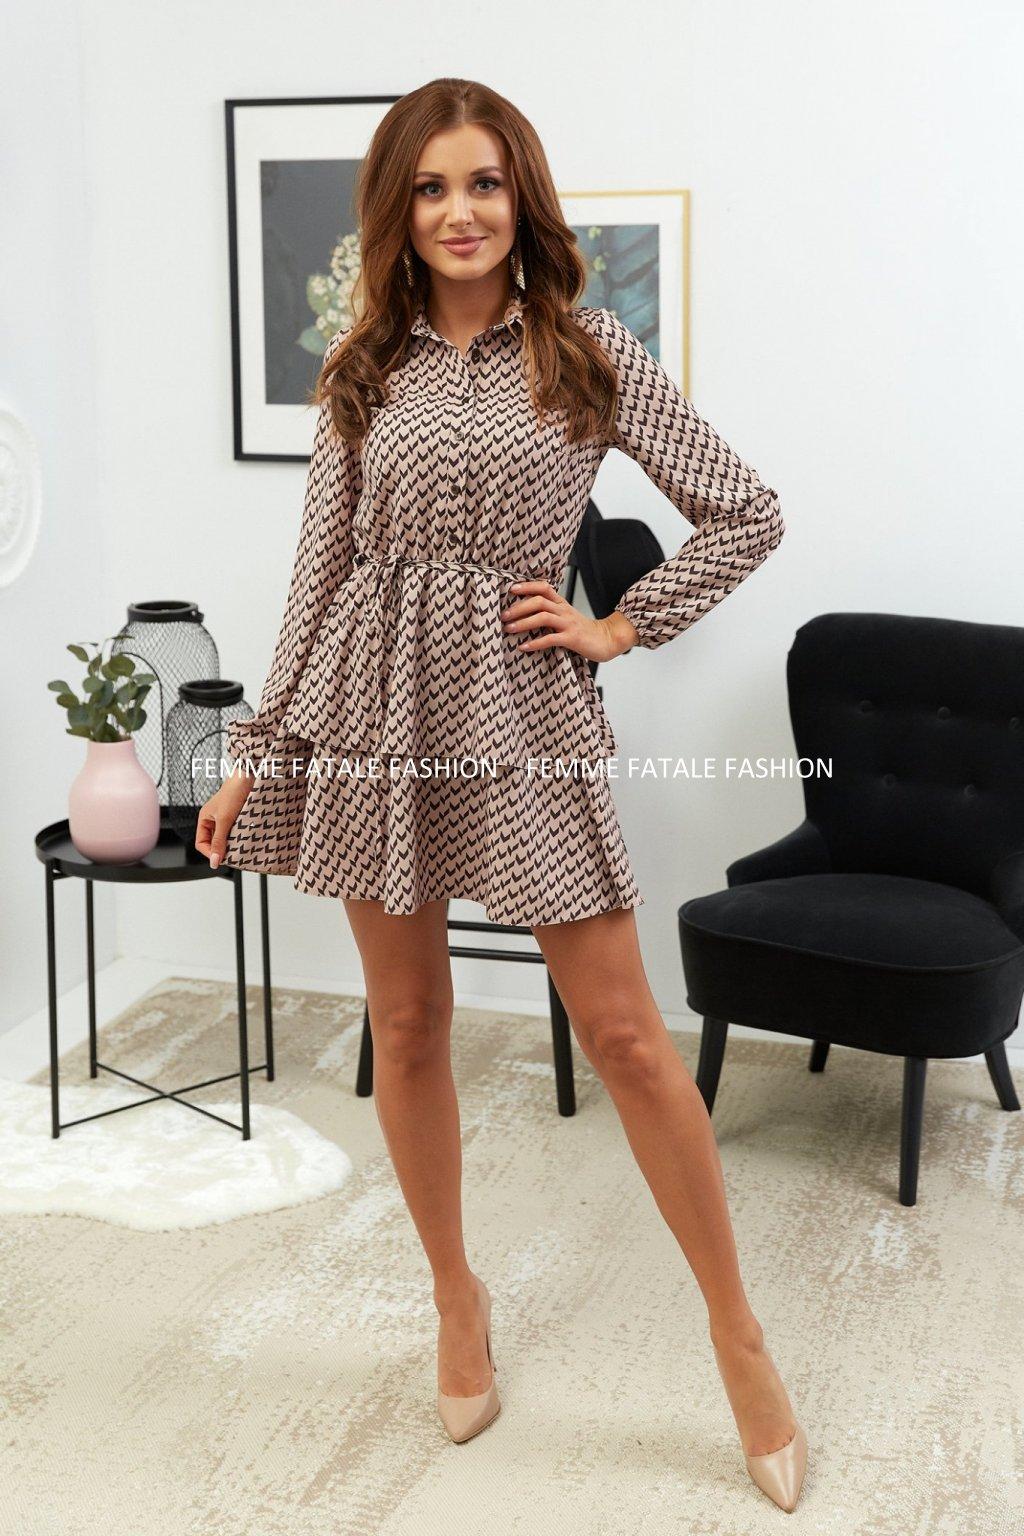 Dámské šaty LONA femmefatalefashion (7)